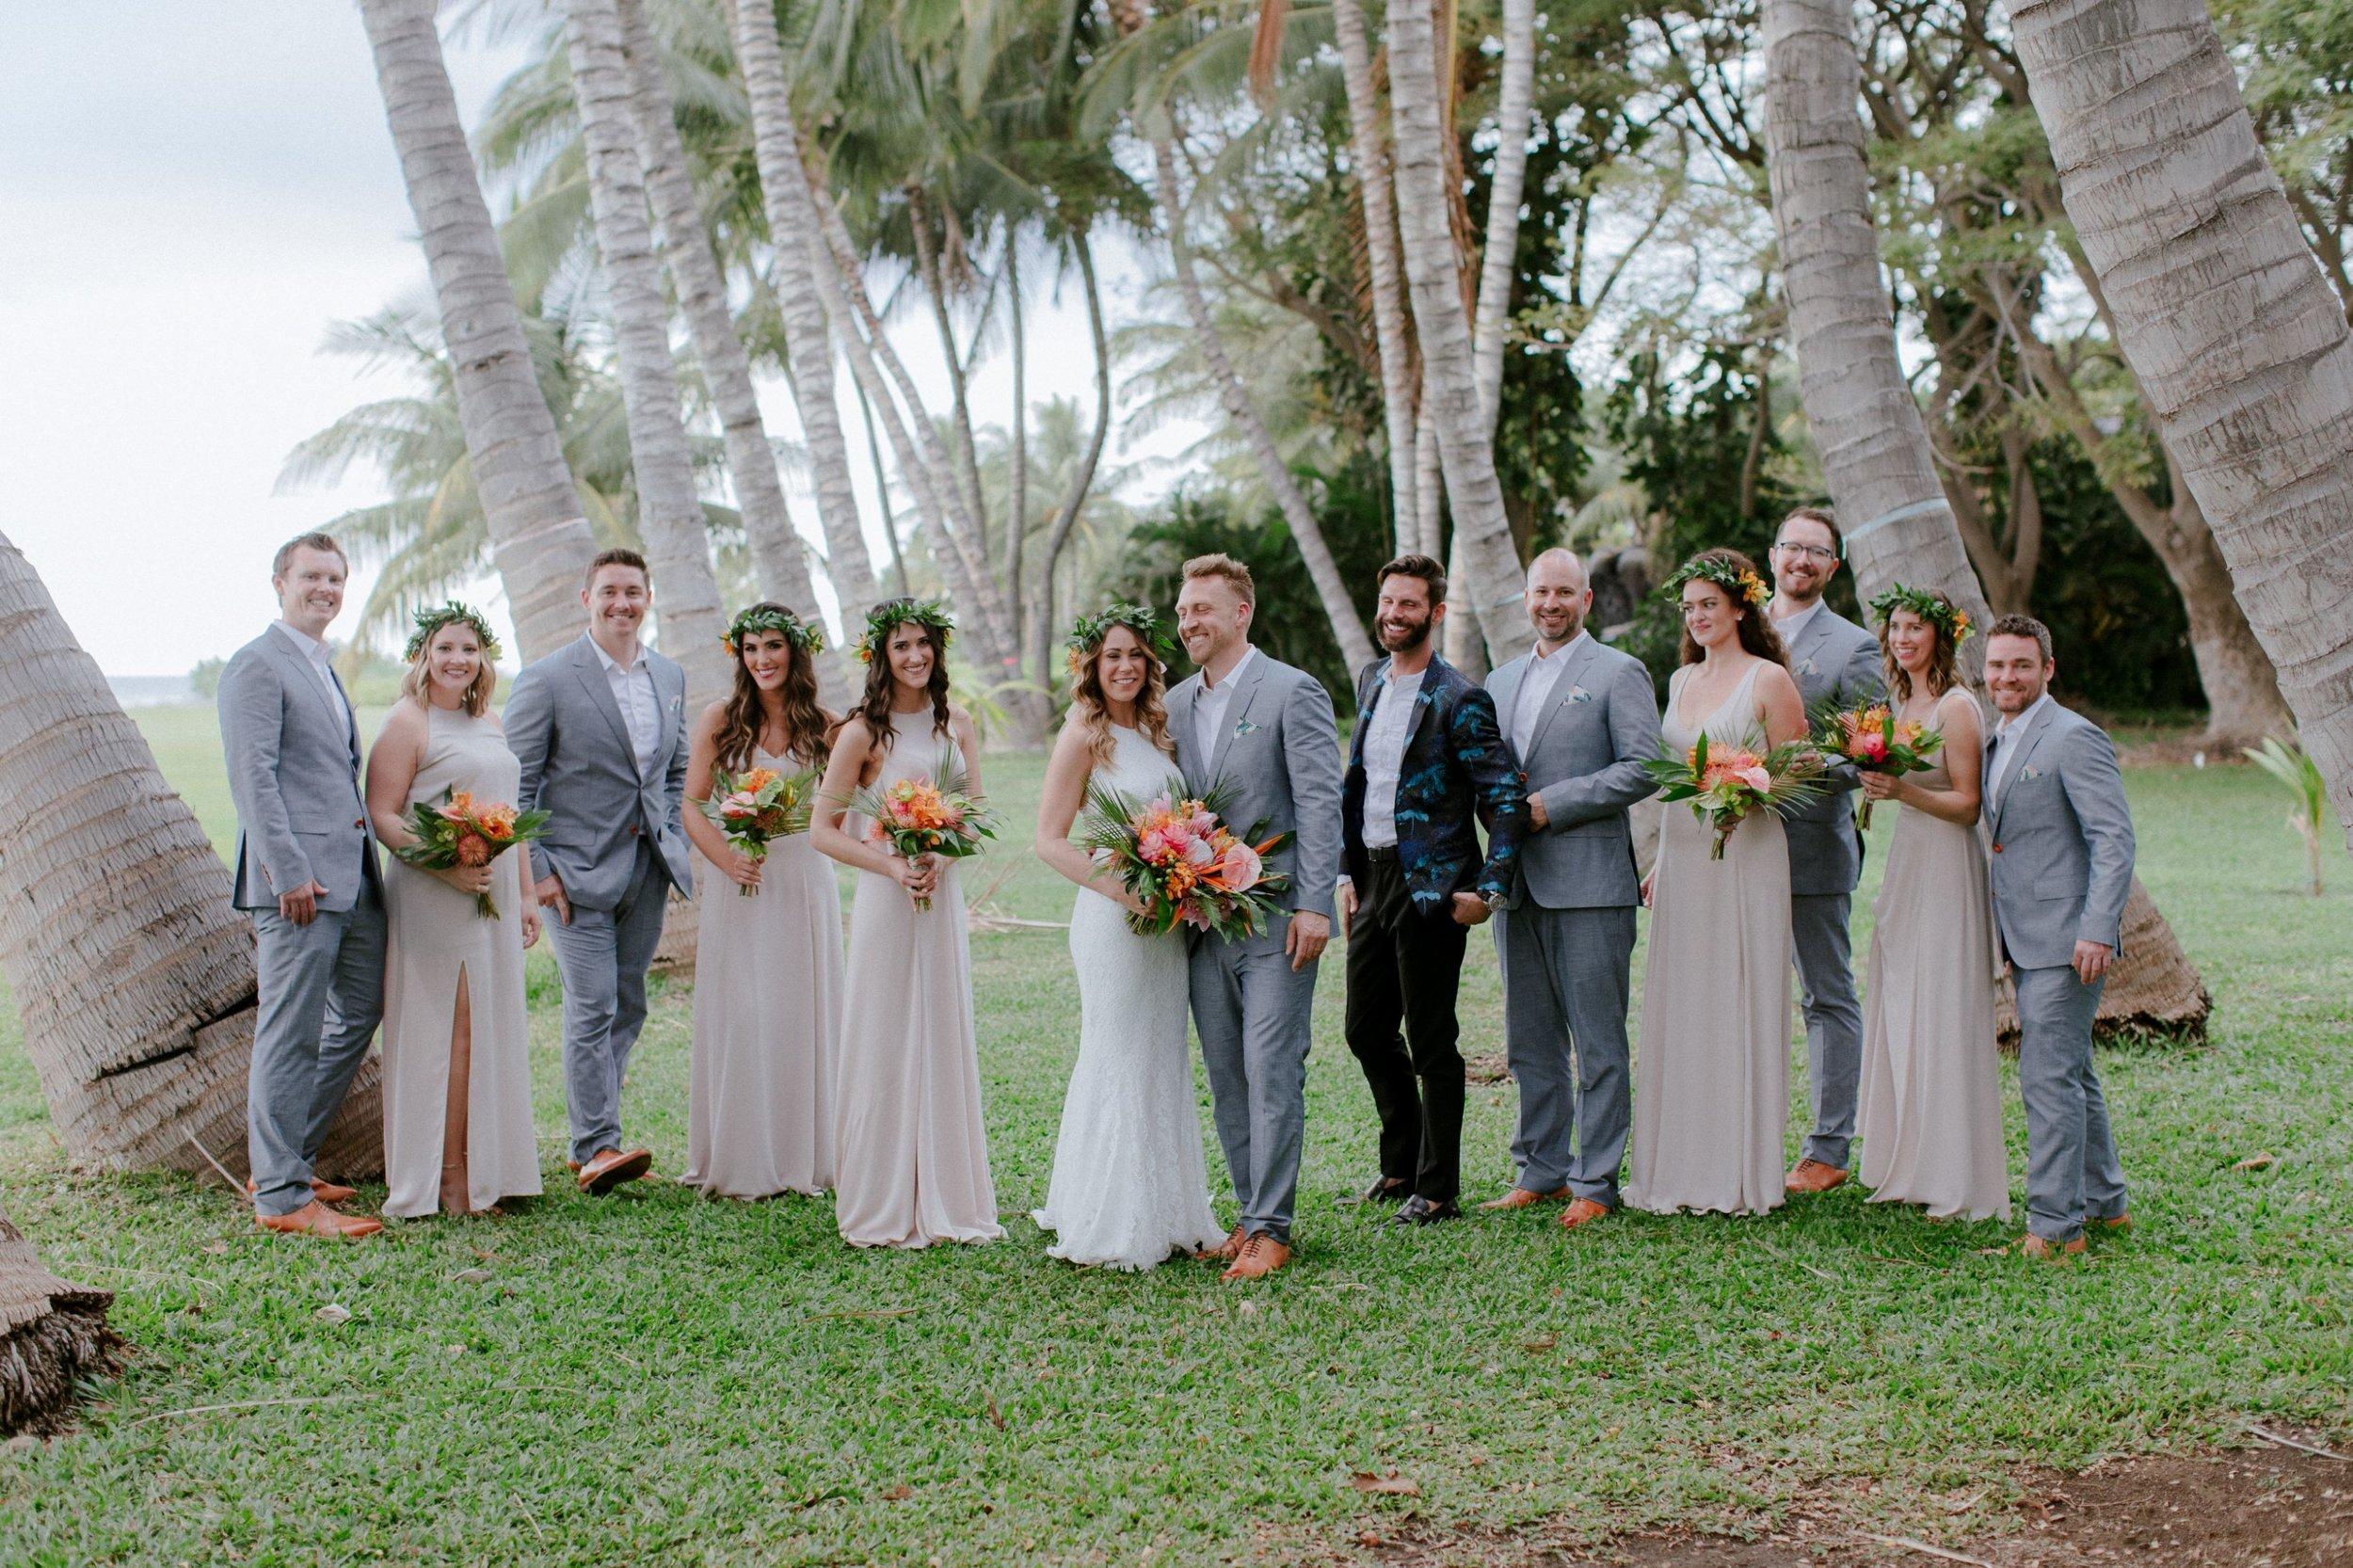 Chris-J-Evans-maui-wedding-JA2820.jpg